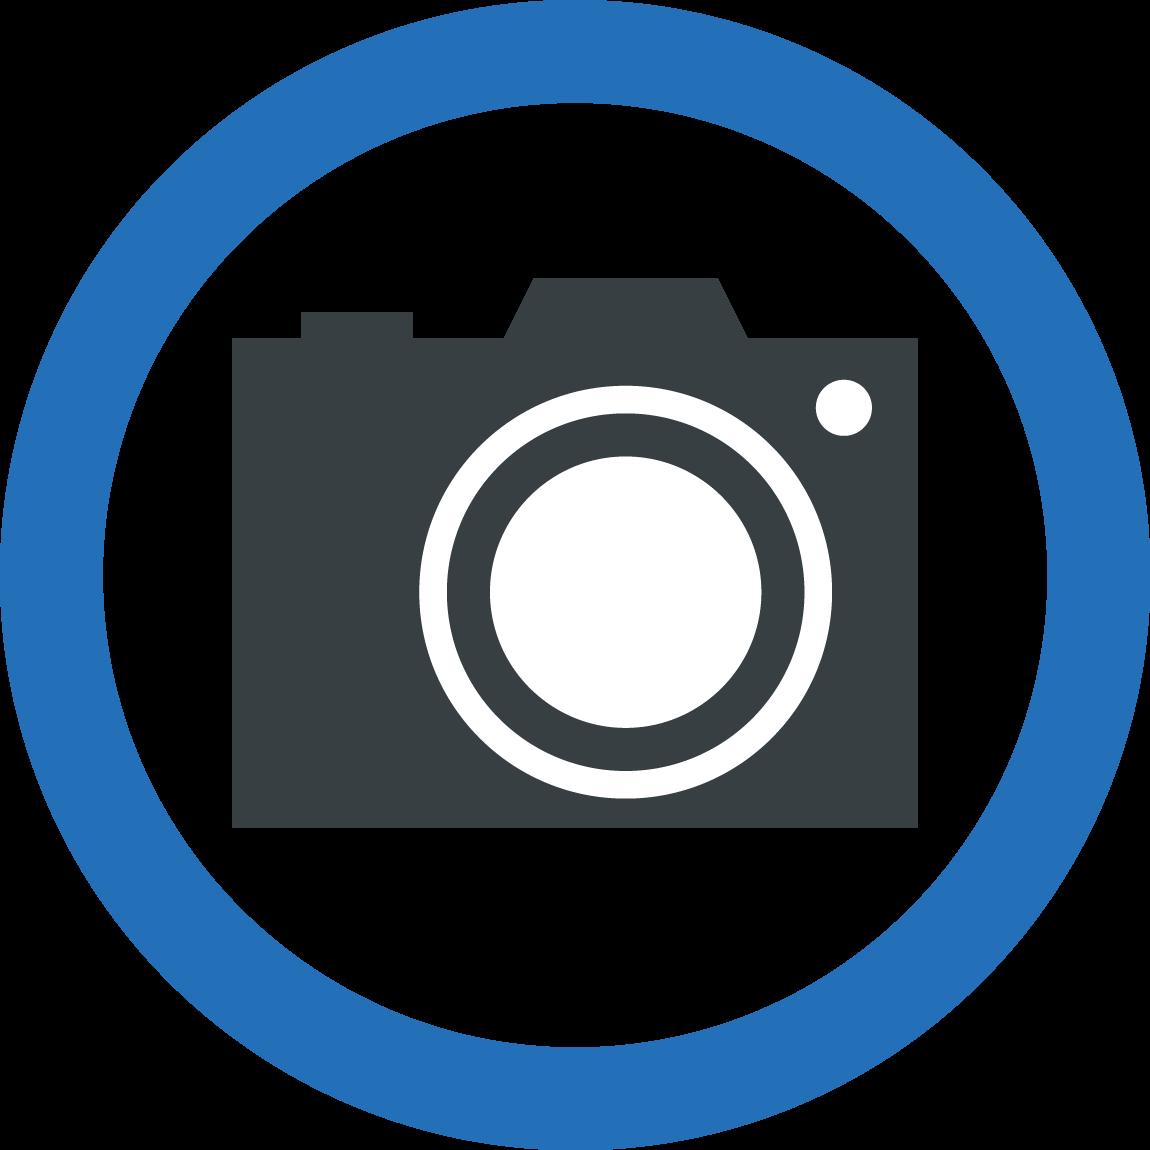 カメラのイラスト / 撮影禁止や許可表示にも   可愛い無料イラスト素材集